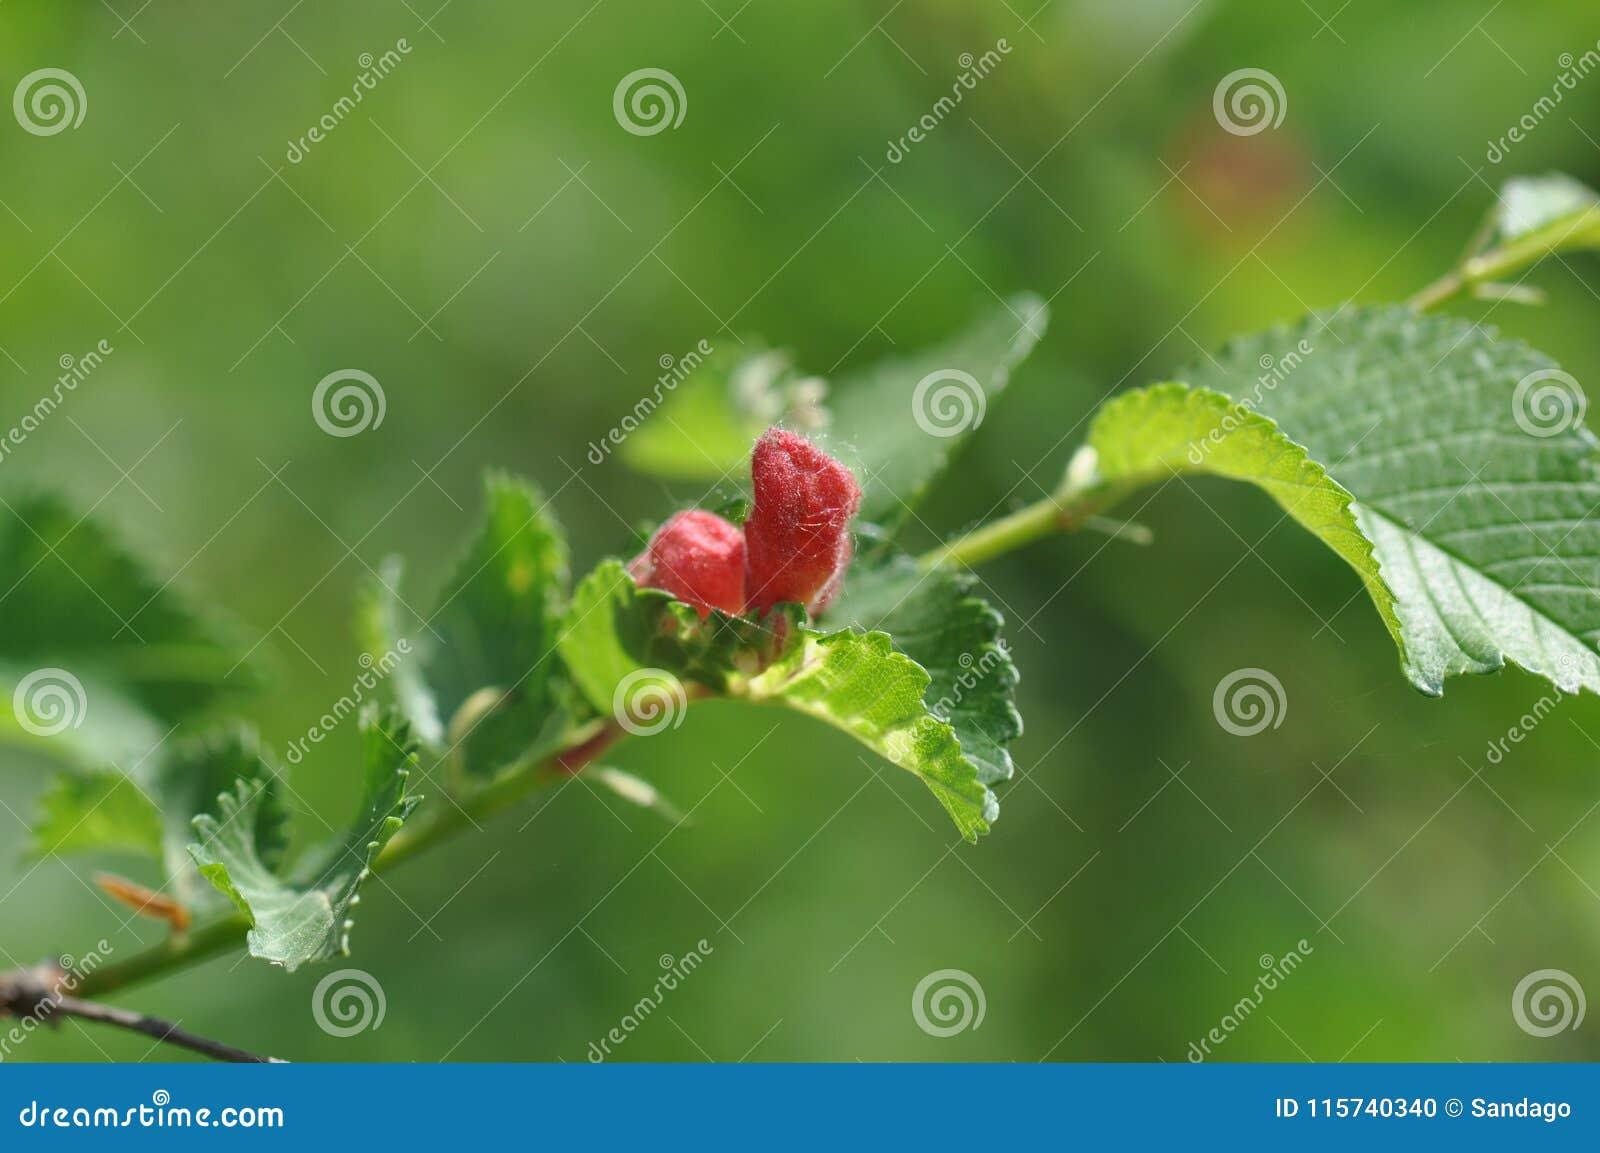 Darmozjad na liściach